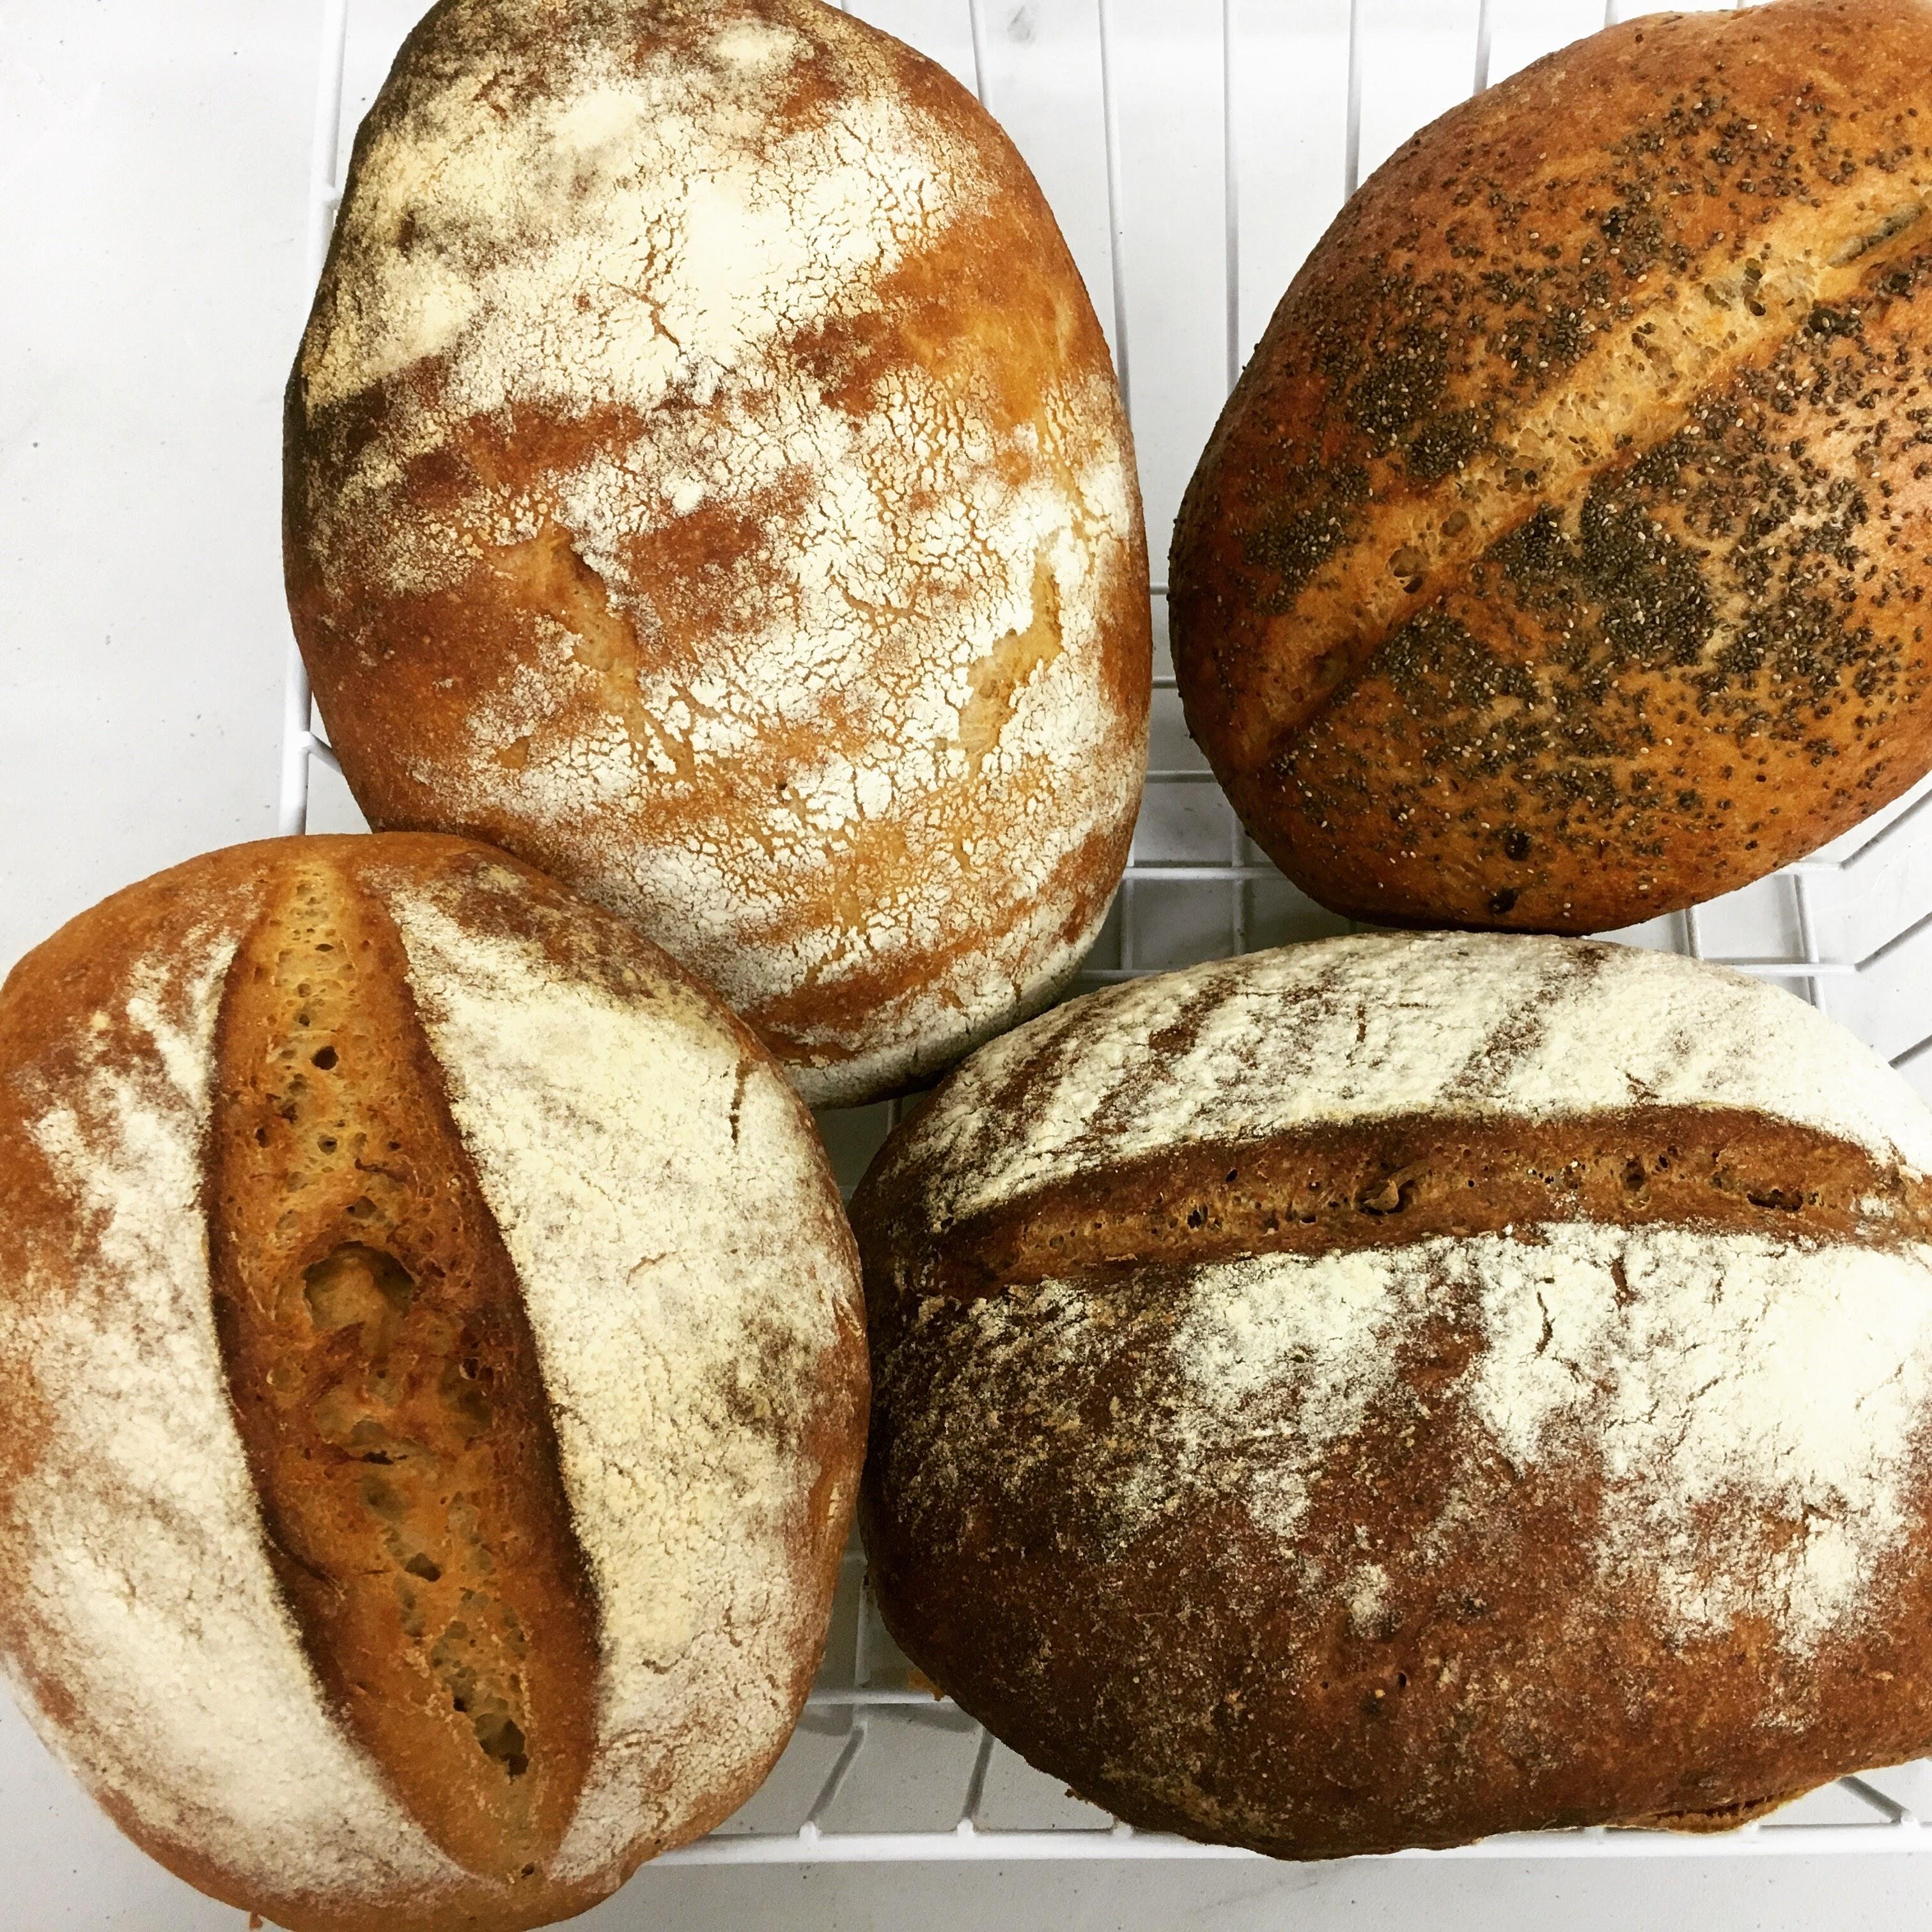 VIVA_Rana's Artisan Bread3